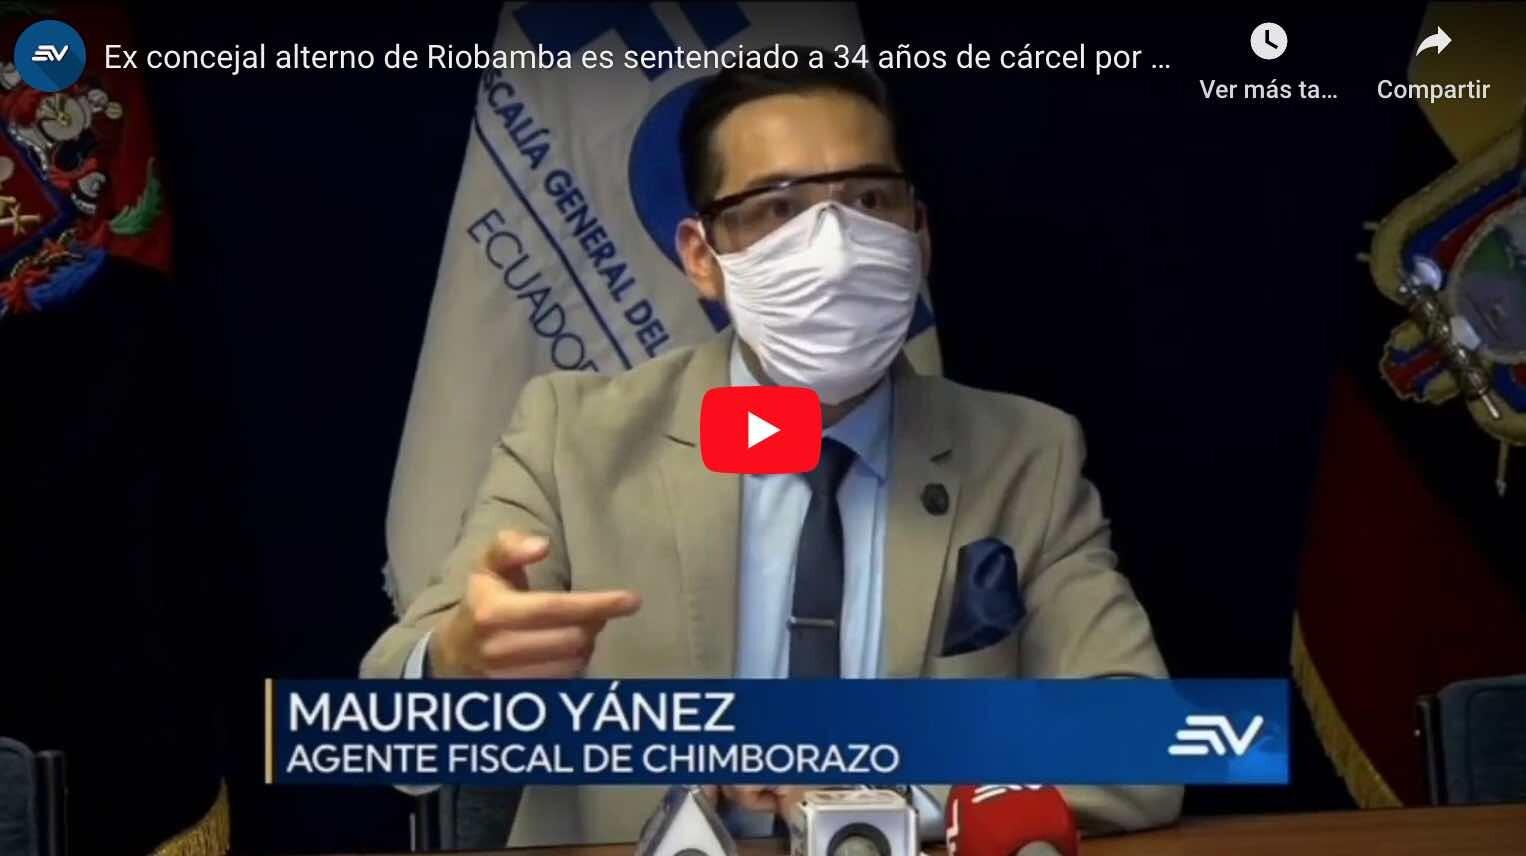 VIDEO: 34 años de cárcel para asesino de concejal de Riobamba